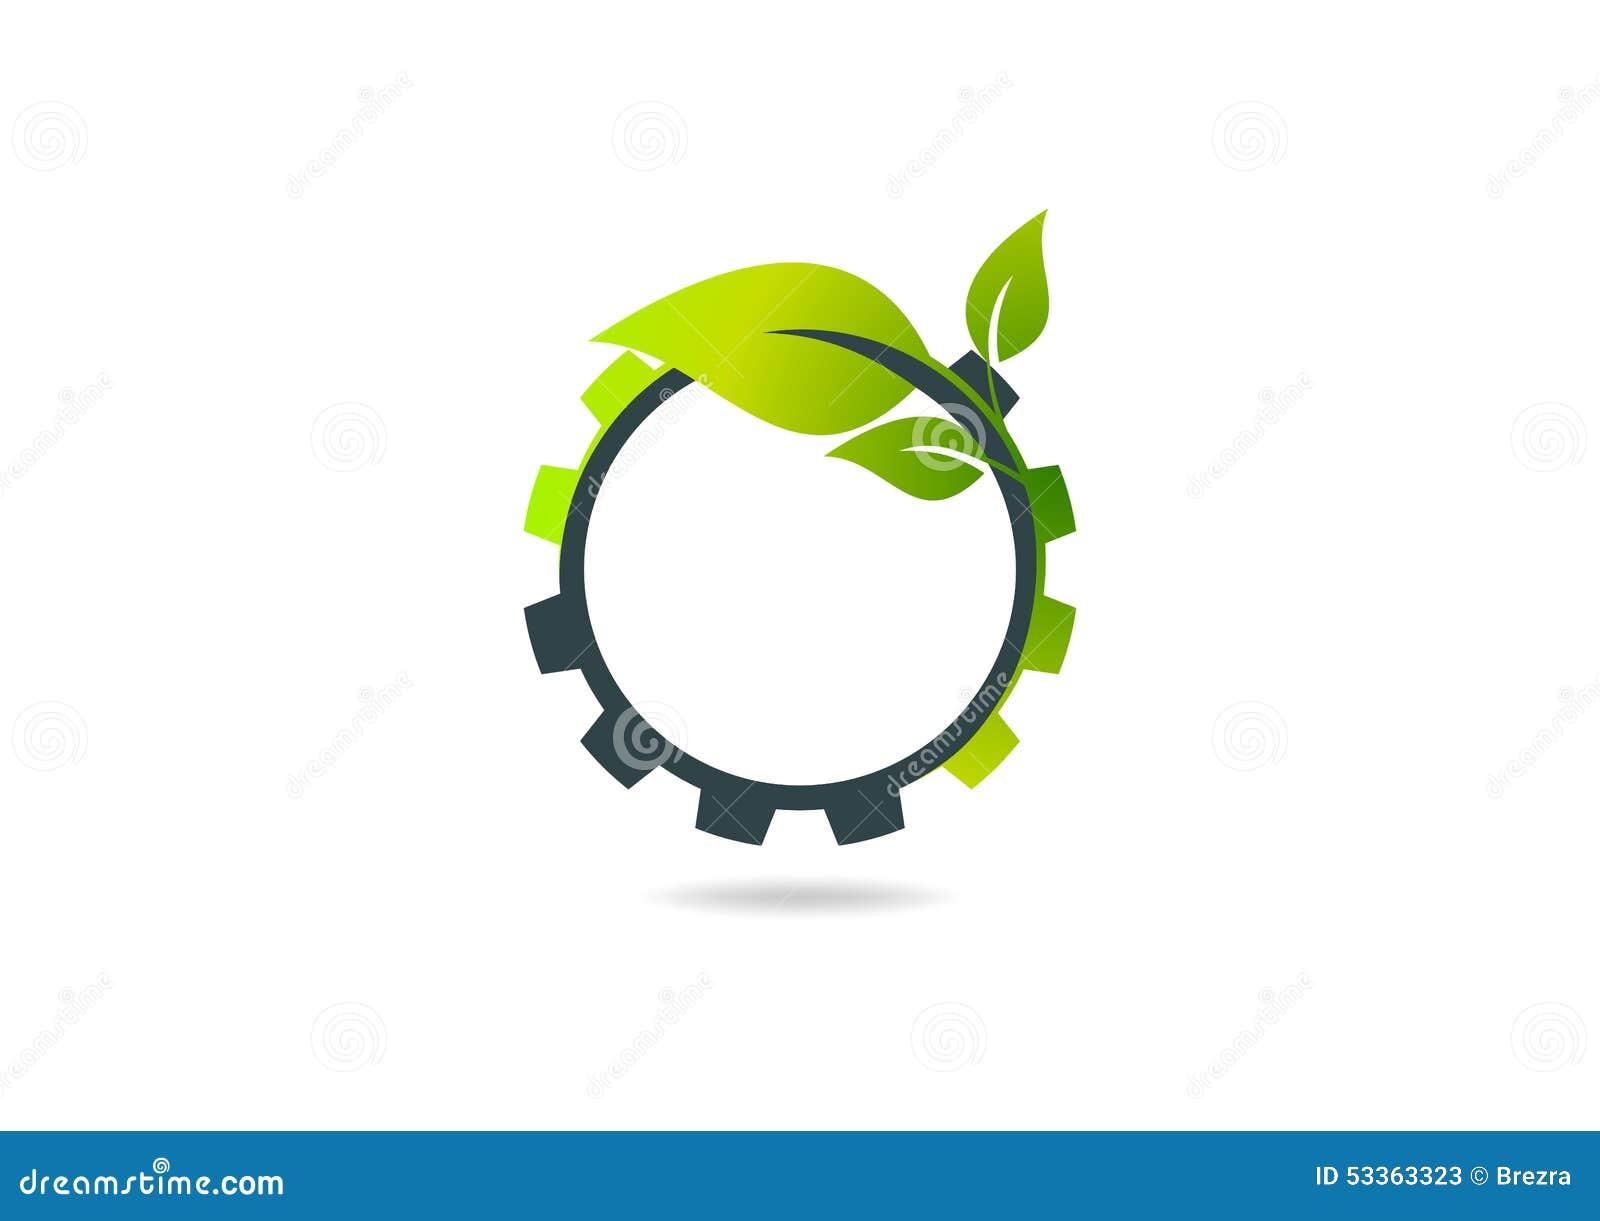 Adapte la hoja, diseño del logotipo del vector del engranaje de la planta